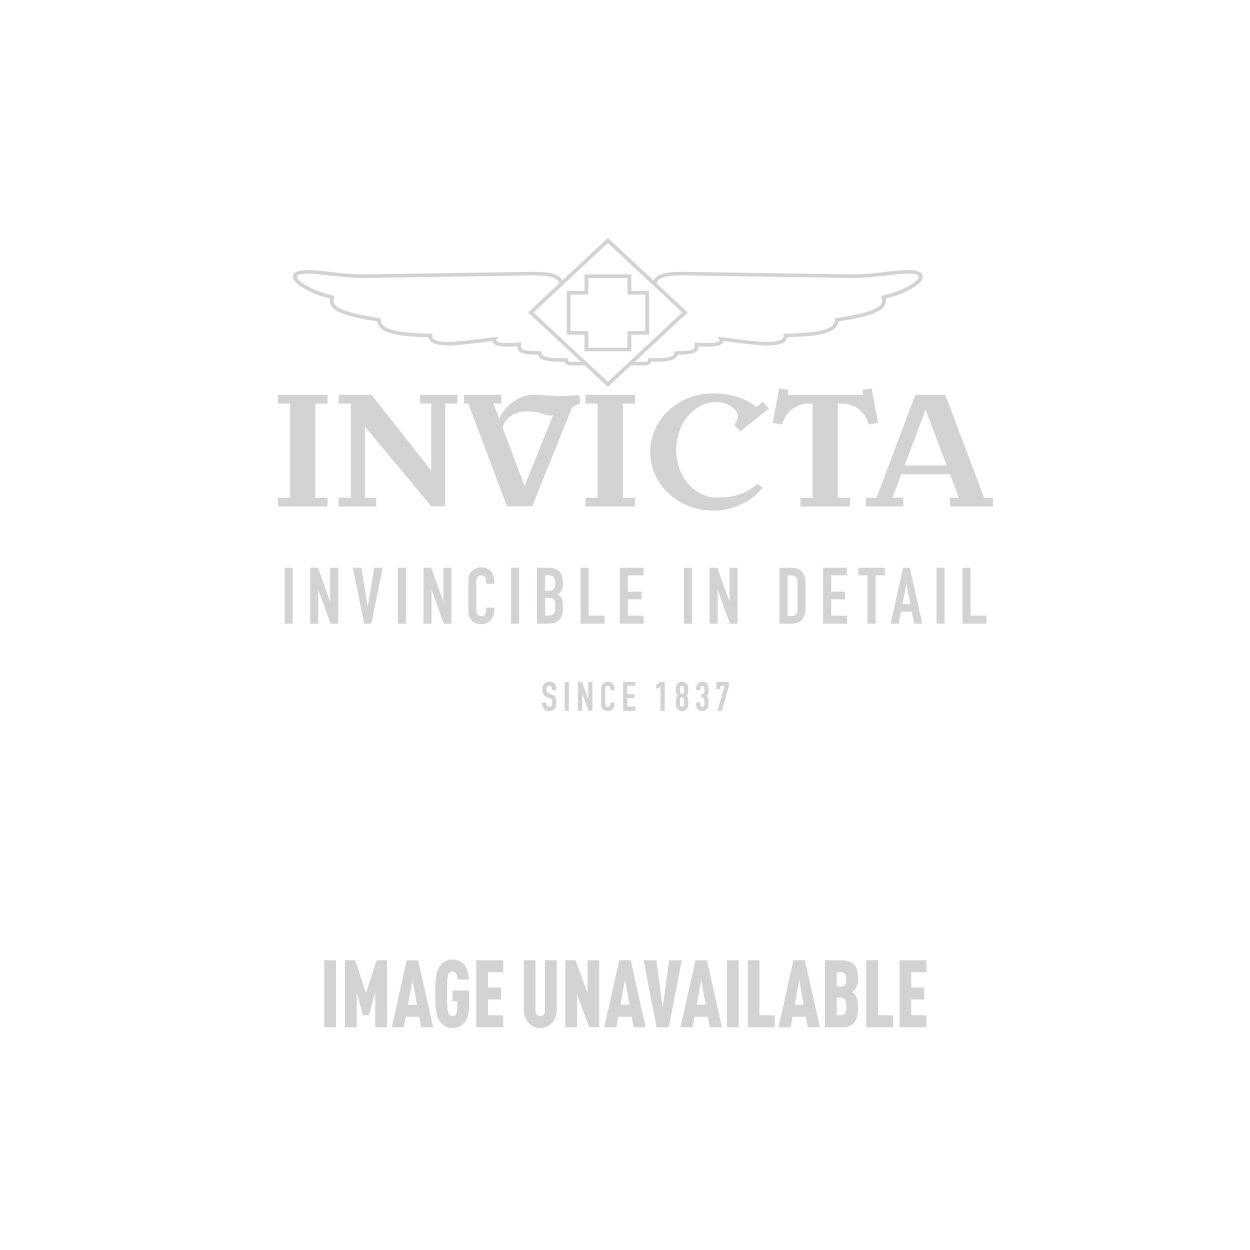 Invicta Model 25263